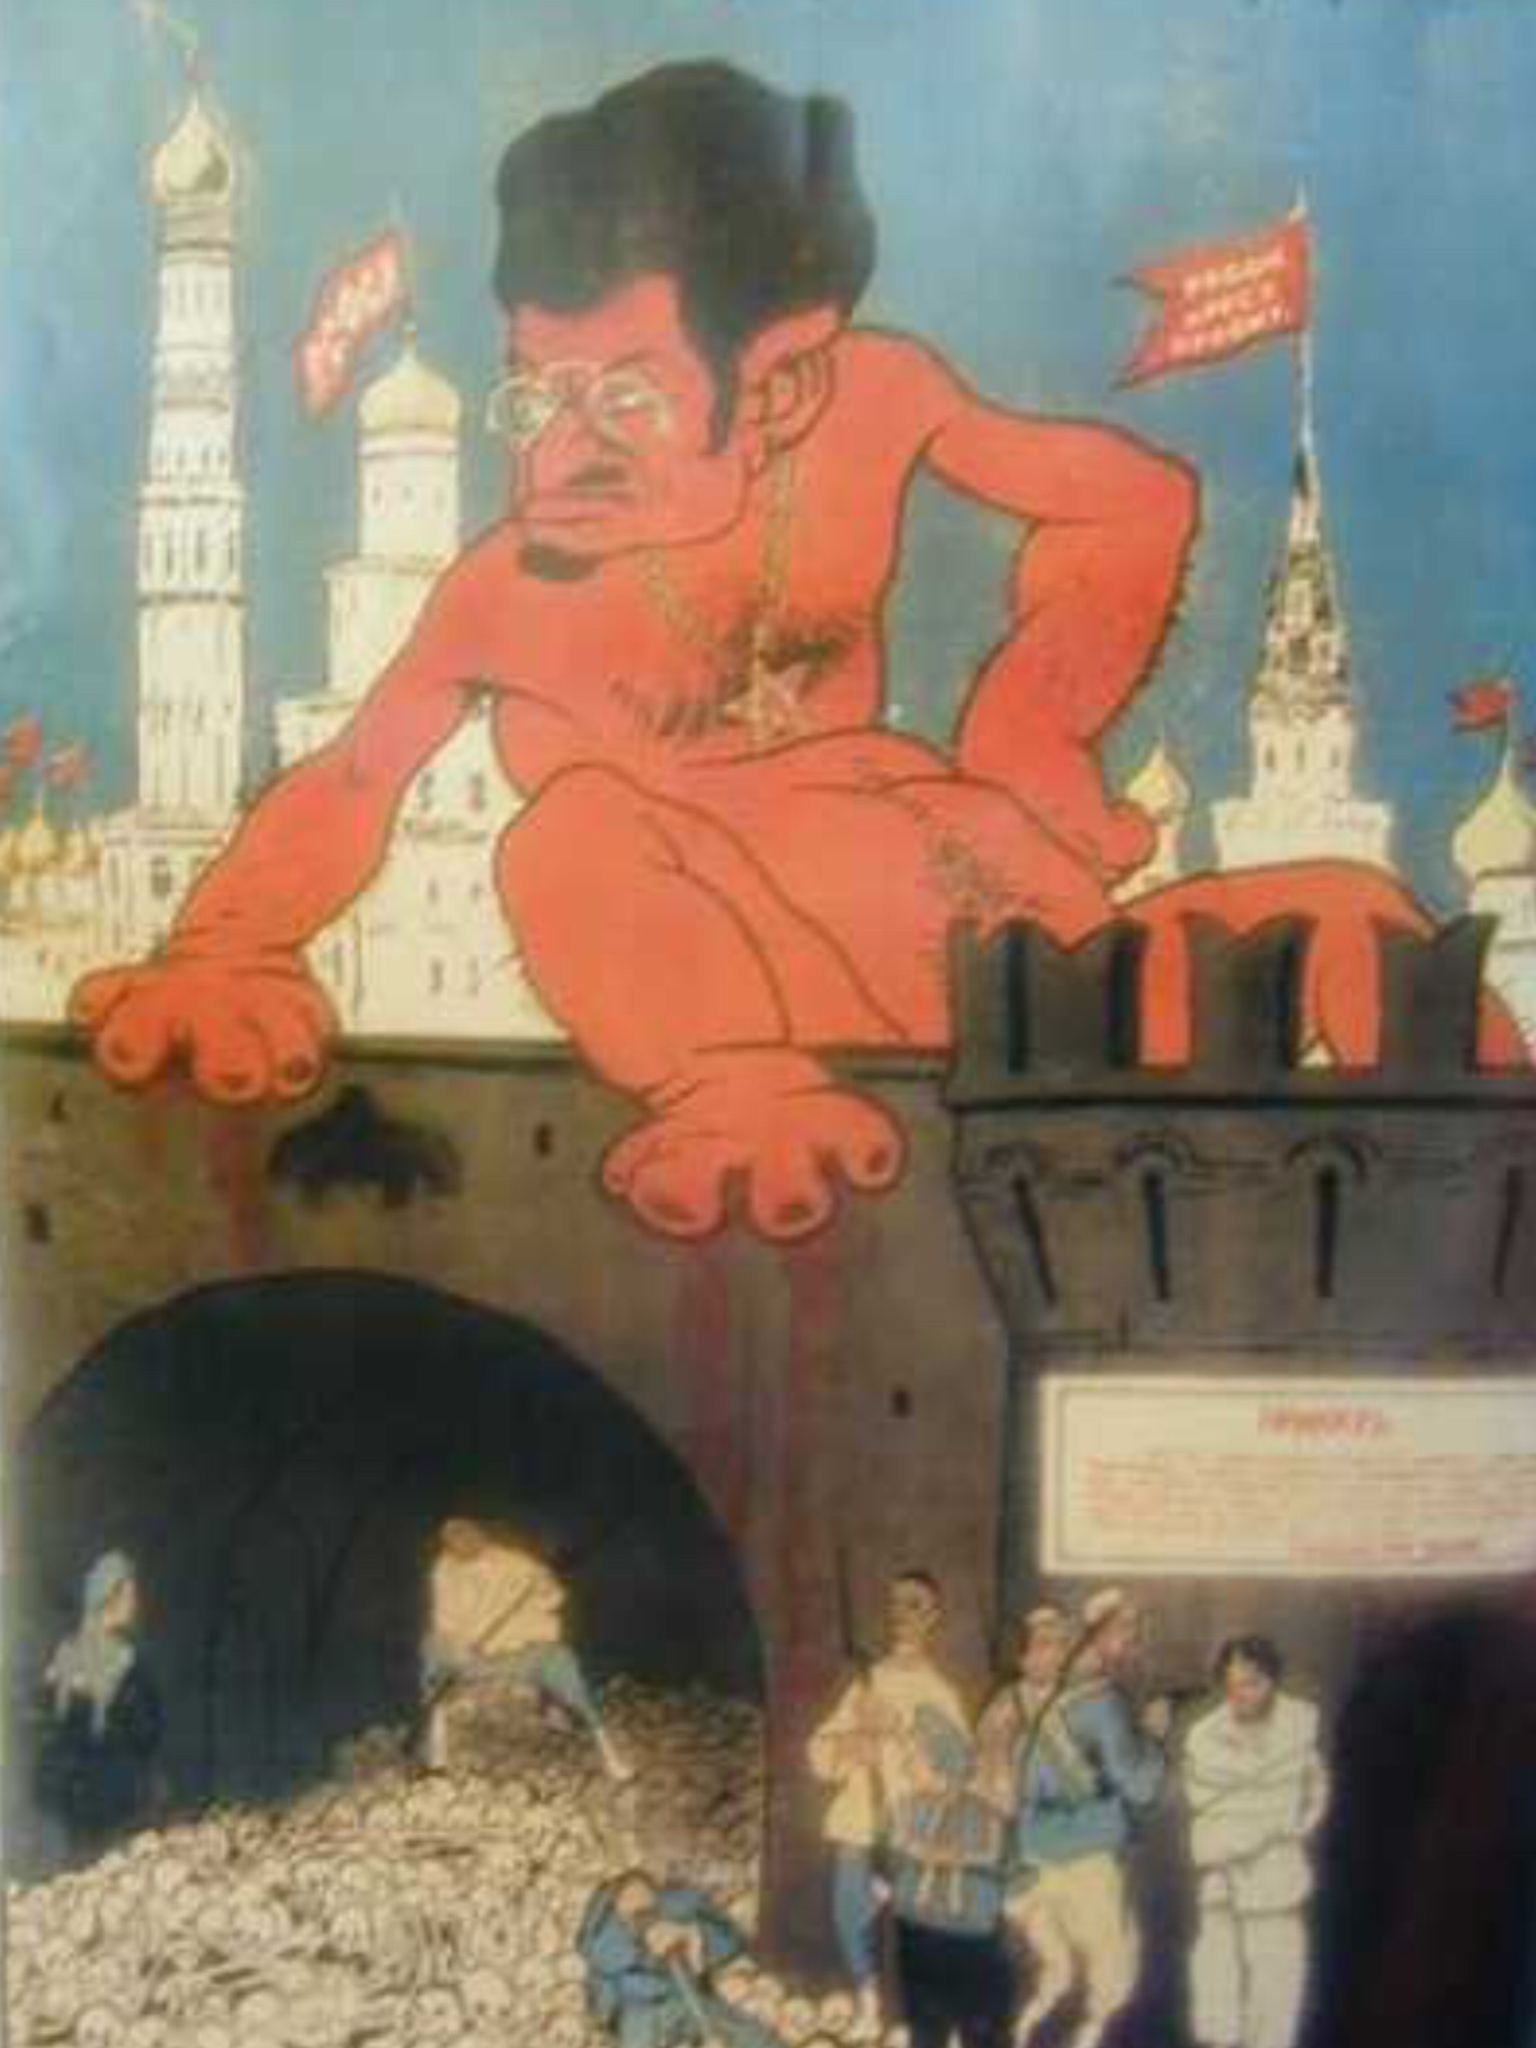 Выписка из истории болезни Площадь Яузские Ворота Медицинская справка для работы с гостайной Электрозаводский мост